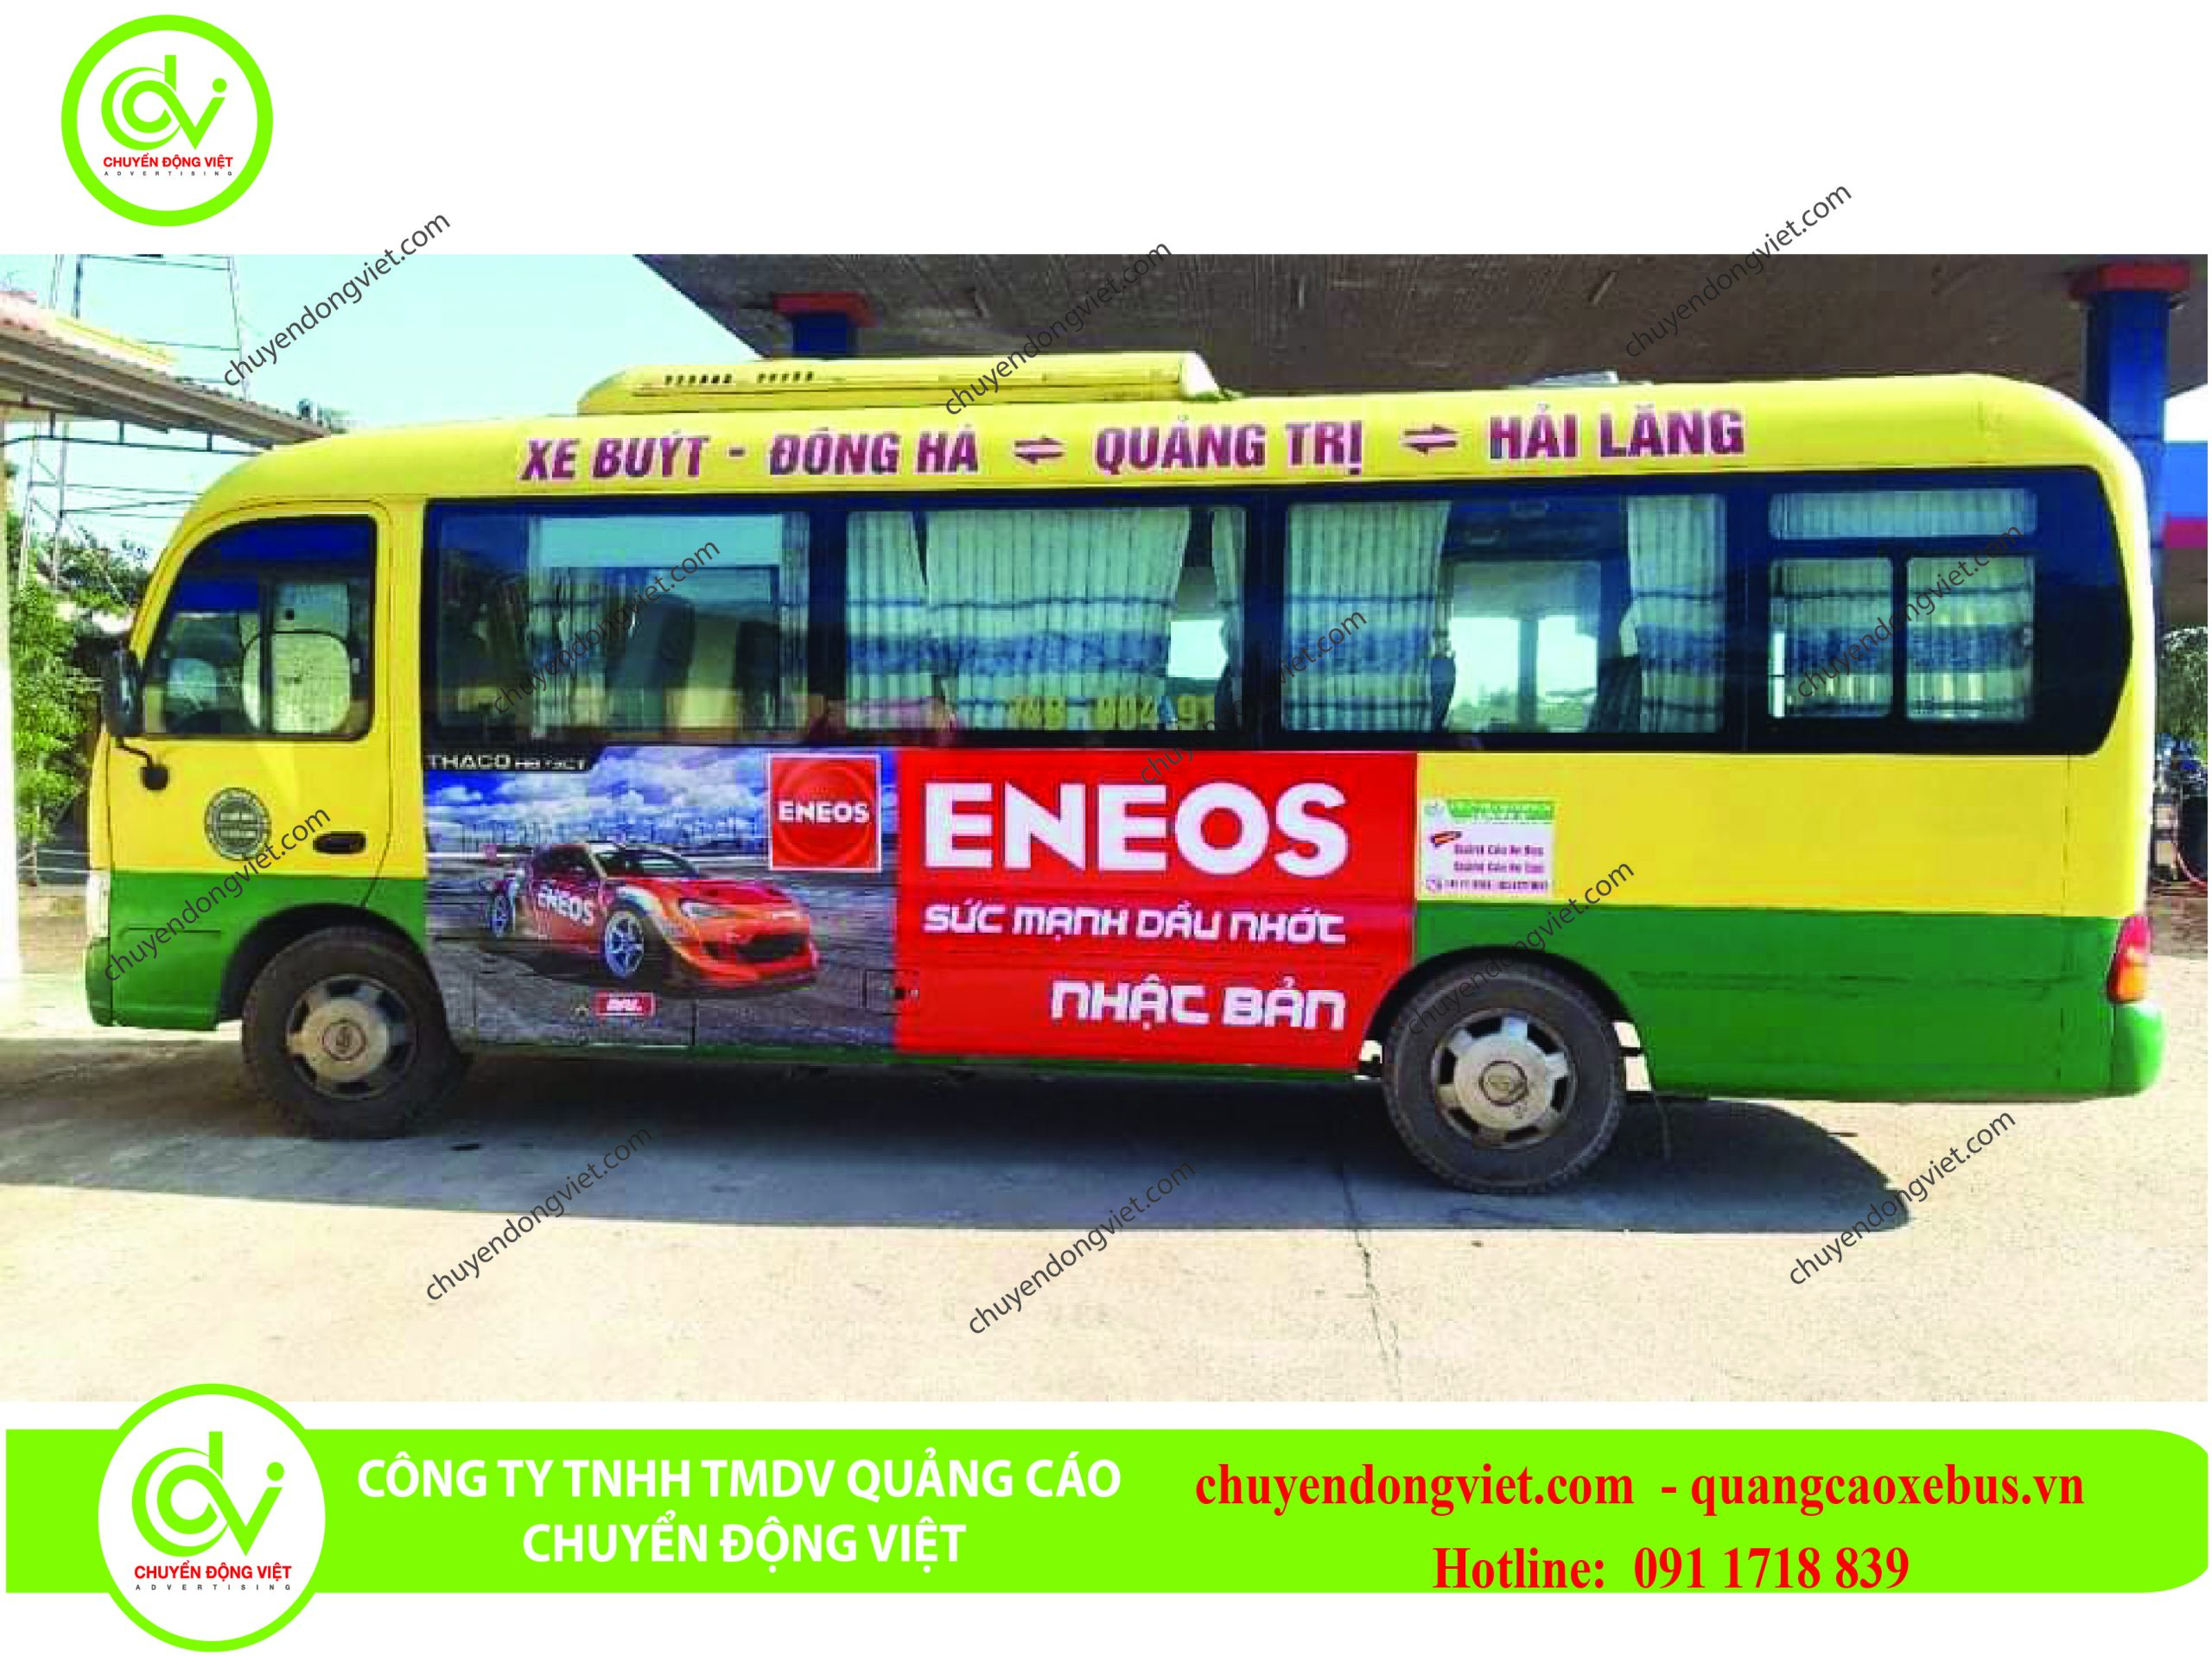 Quảng cáo trên xe bus tỉnh Quảng Trị